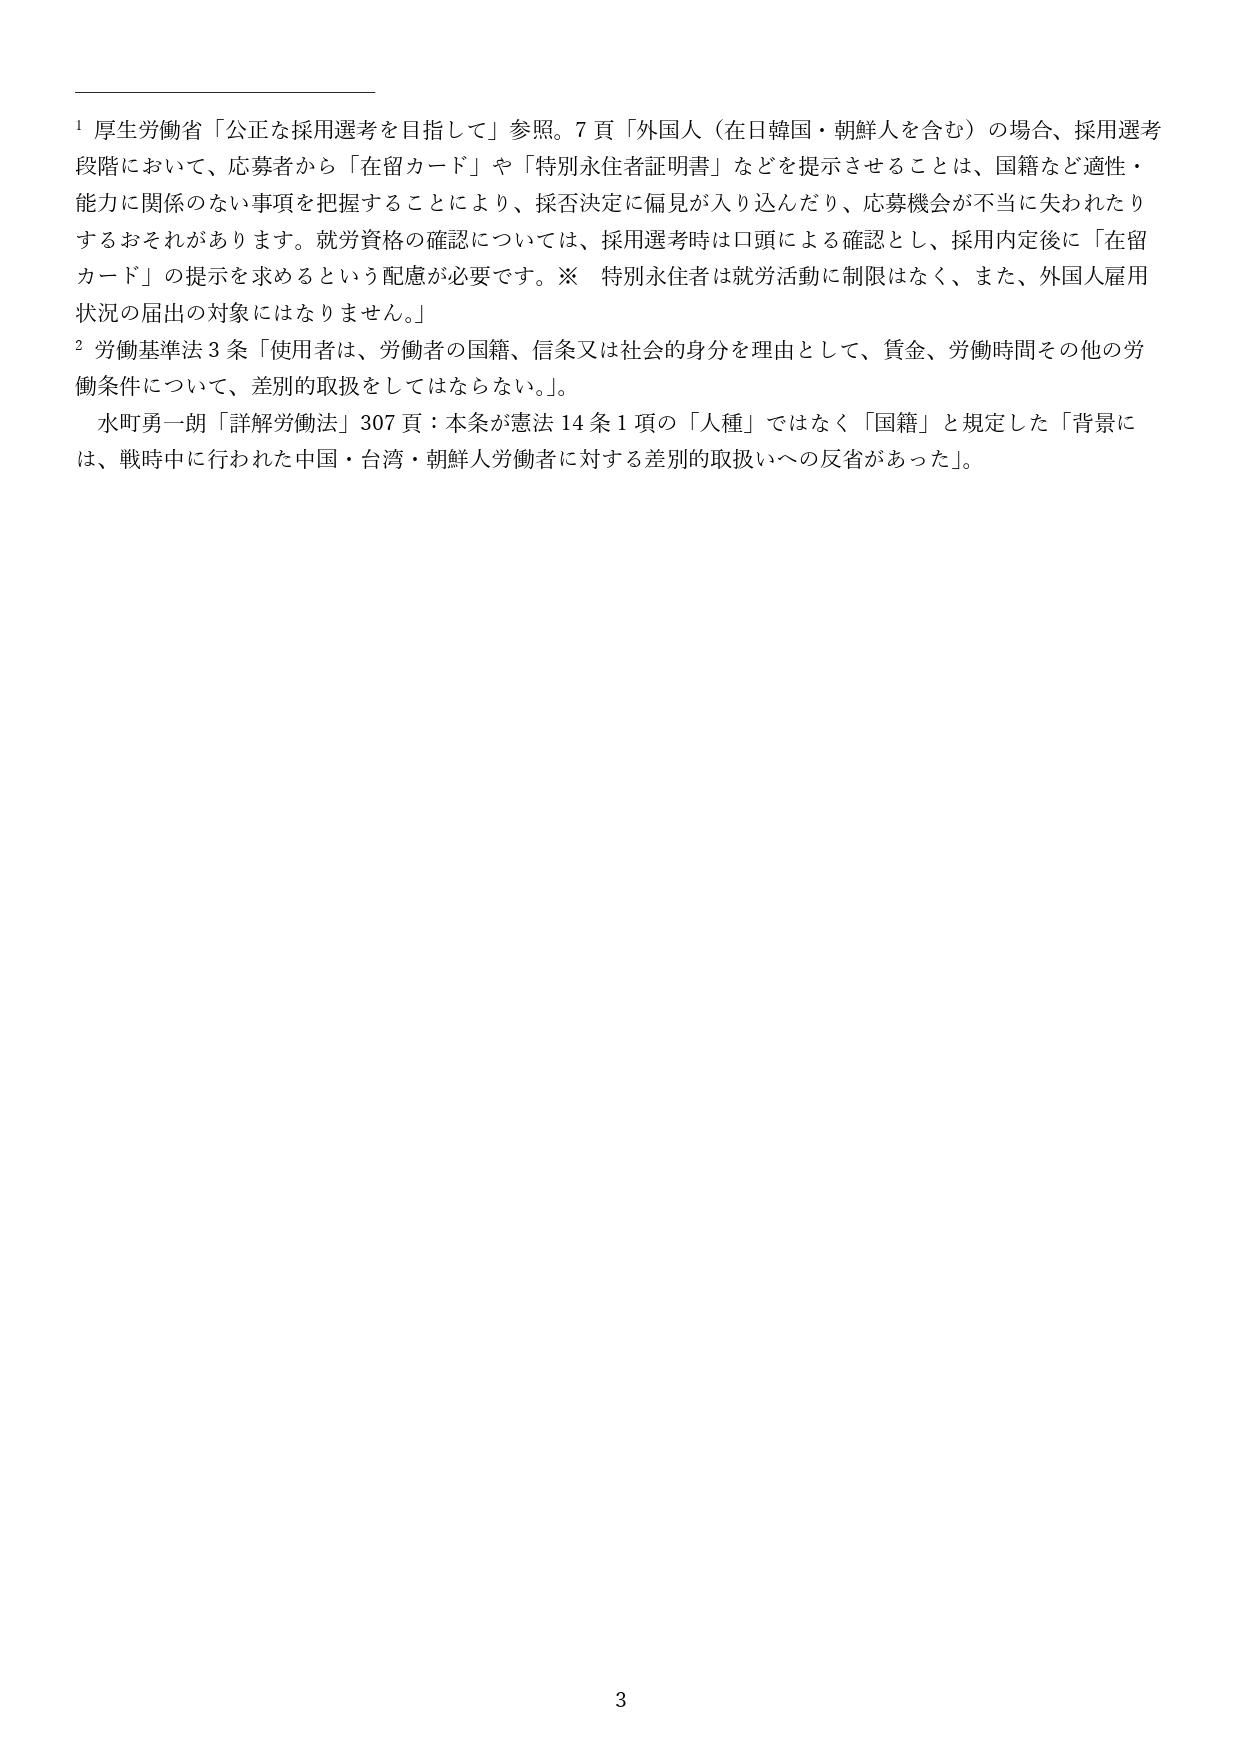 【記者会見】9/1の特別永住者に対するアカウントの一方的停止に対する抗議声明